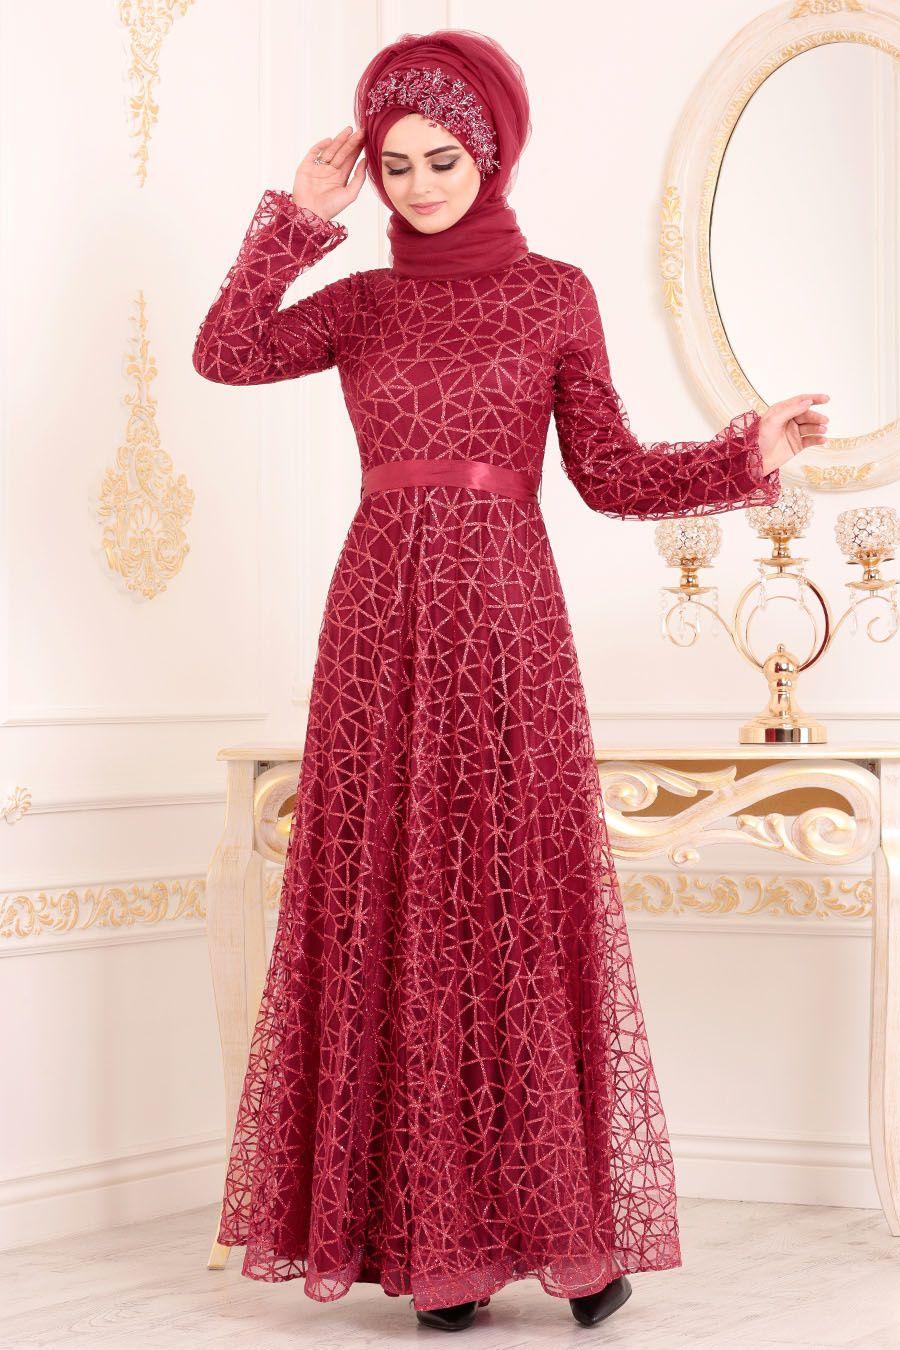 Tesetturlu Abiye Elbise Simli Bordo Renk Tesettur Abiye Elbise 31481br Tesetturisland Com Elbise The Dress Resmi Elbise